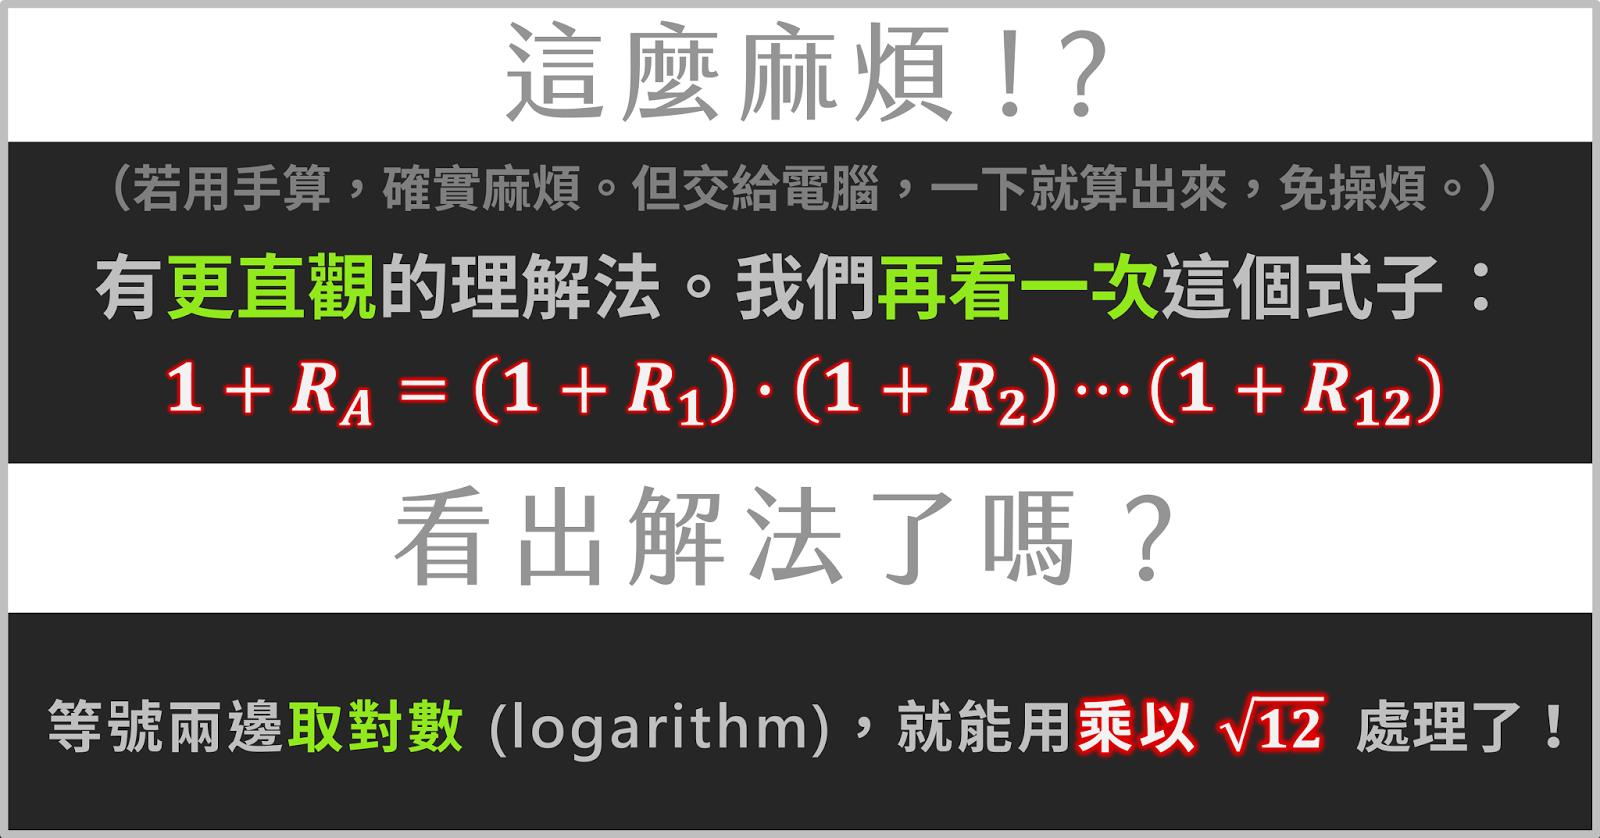 許君豪醫師 | Jun-Hao Shih, MD: 從月化標準差到年化標準差,如何換算?